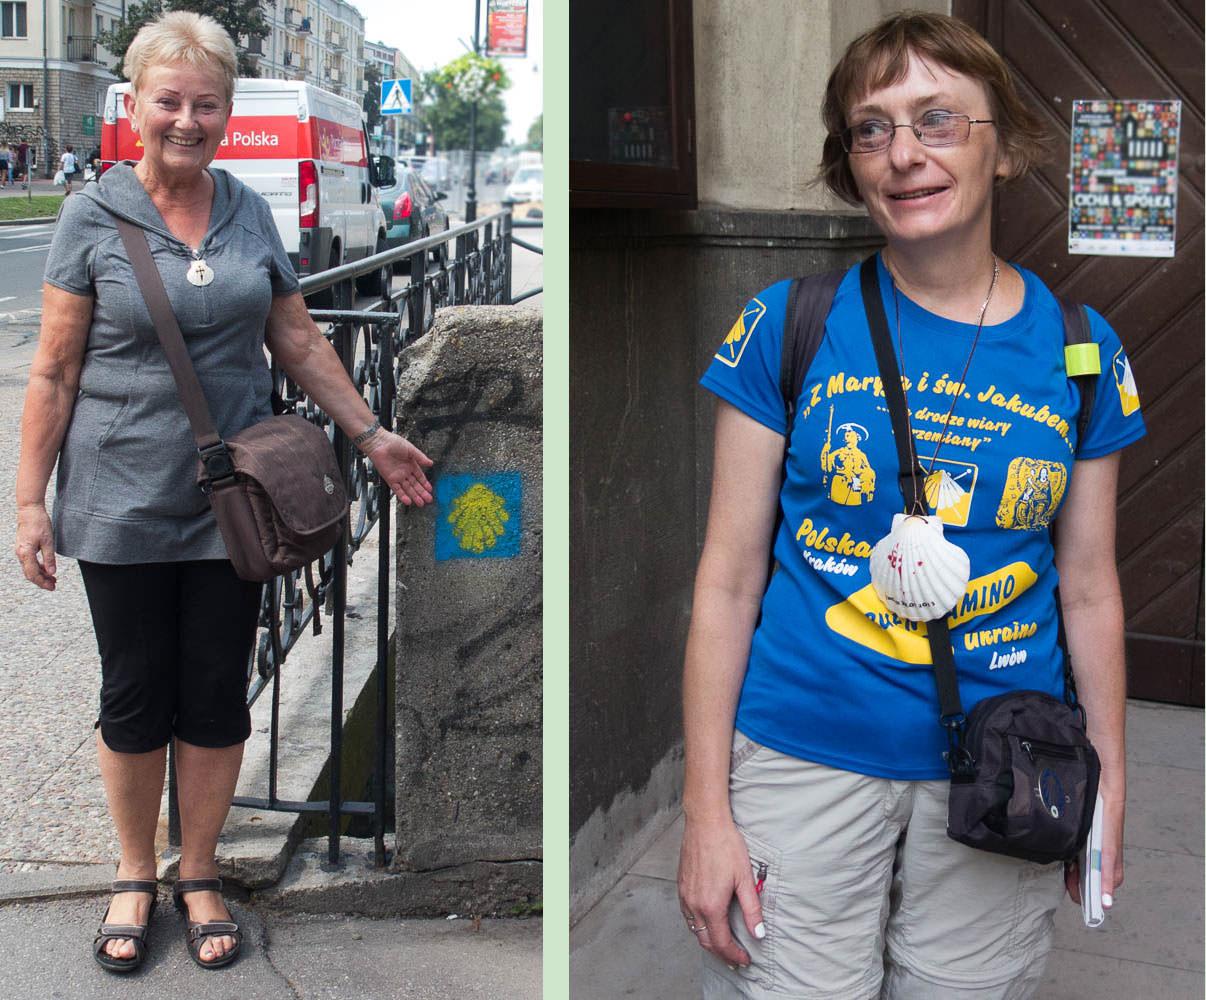 Danuta links zeigt auf ein Jakobswegzeichen, Malgorzata rechts präsentiert sich im Jakobsweg-T-Shirt